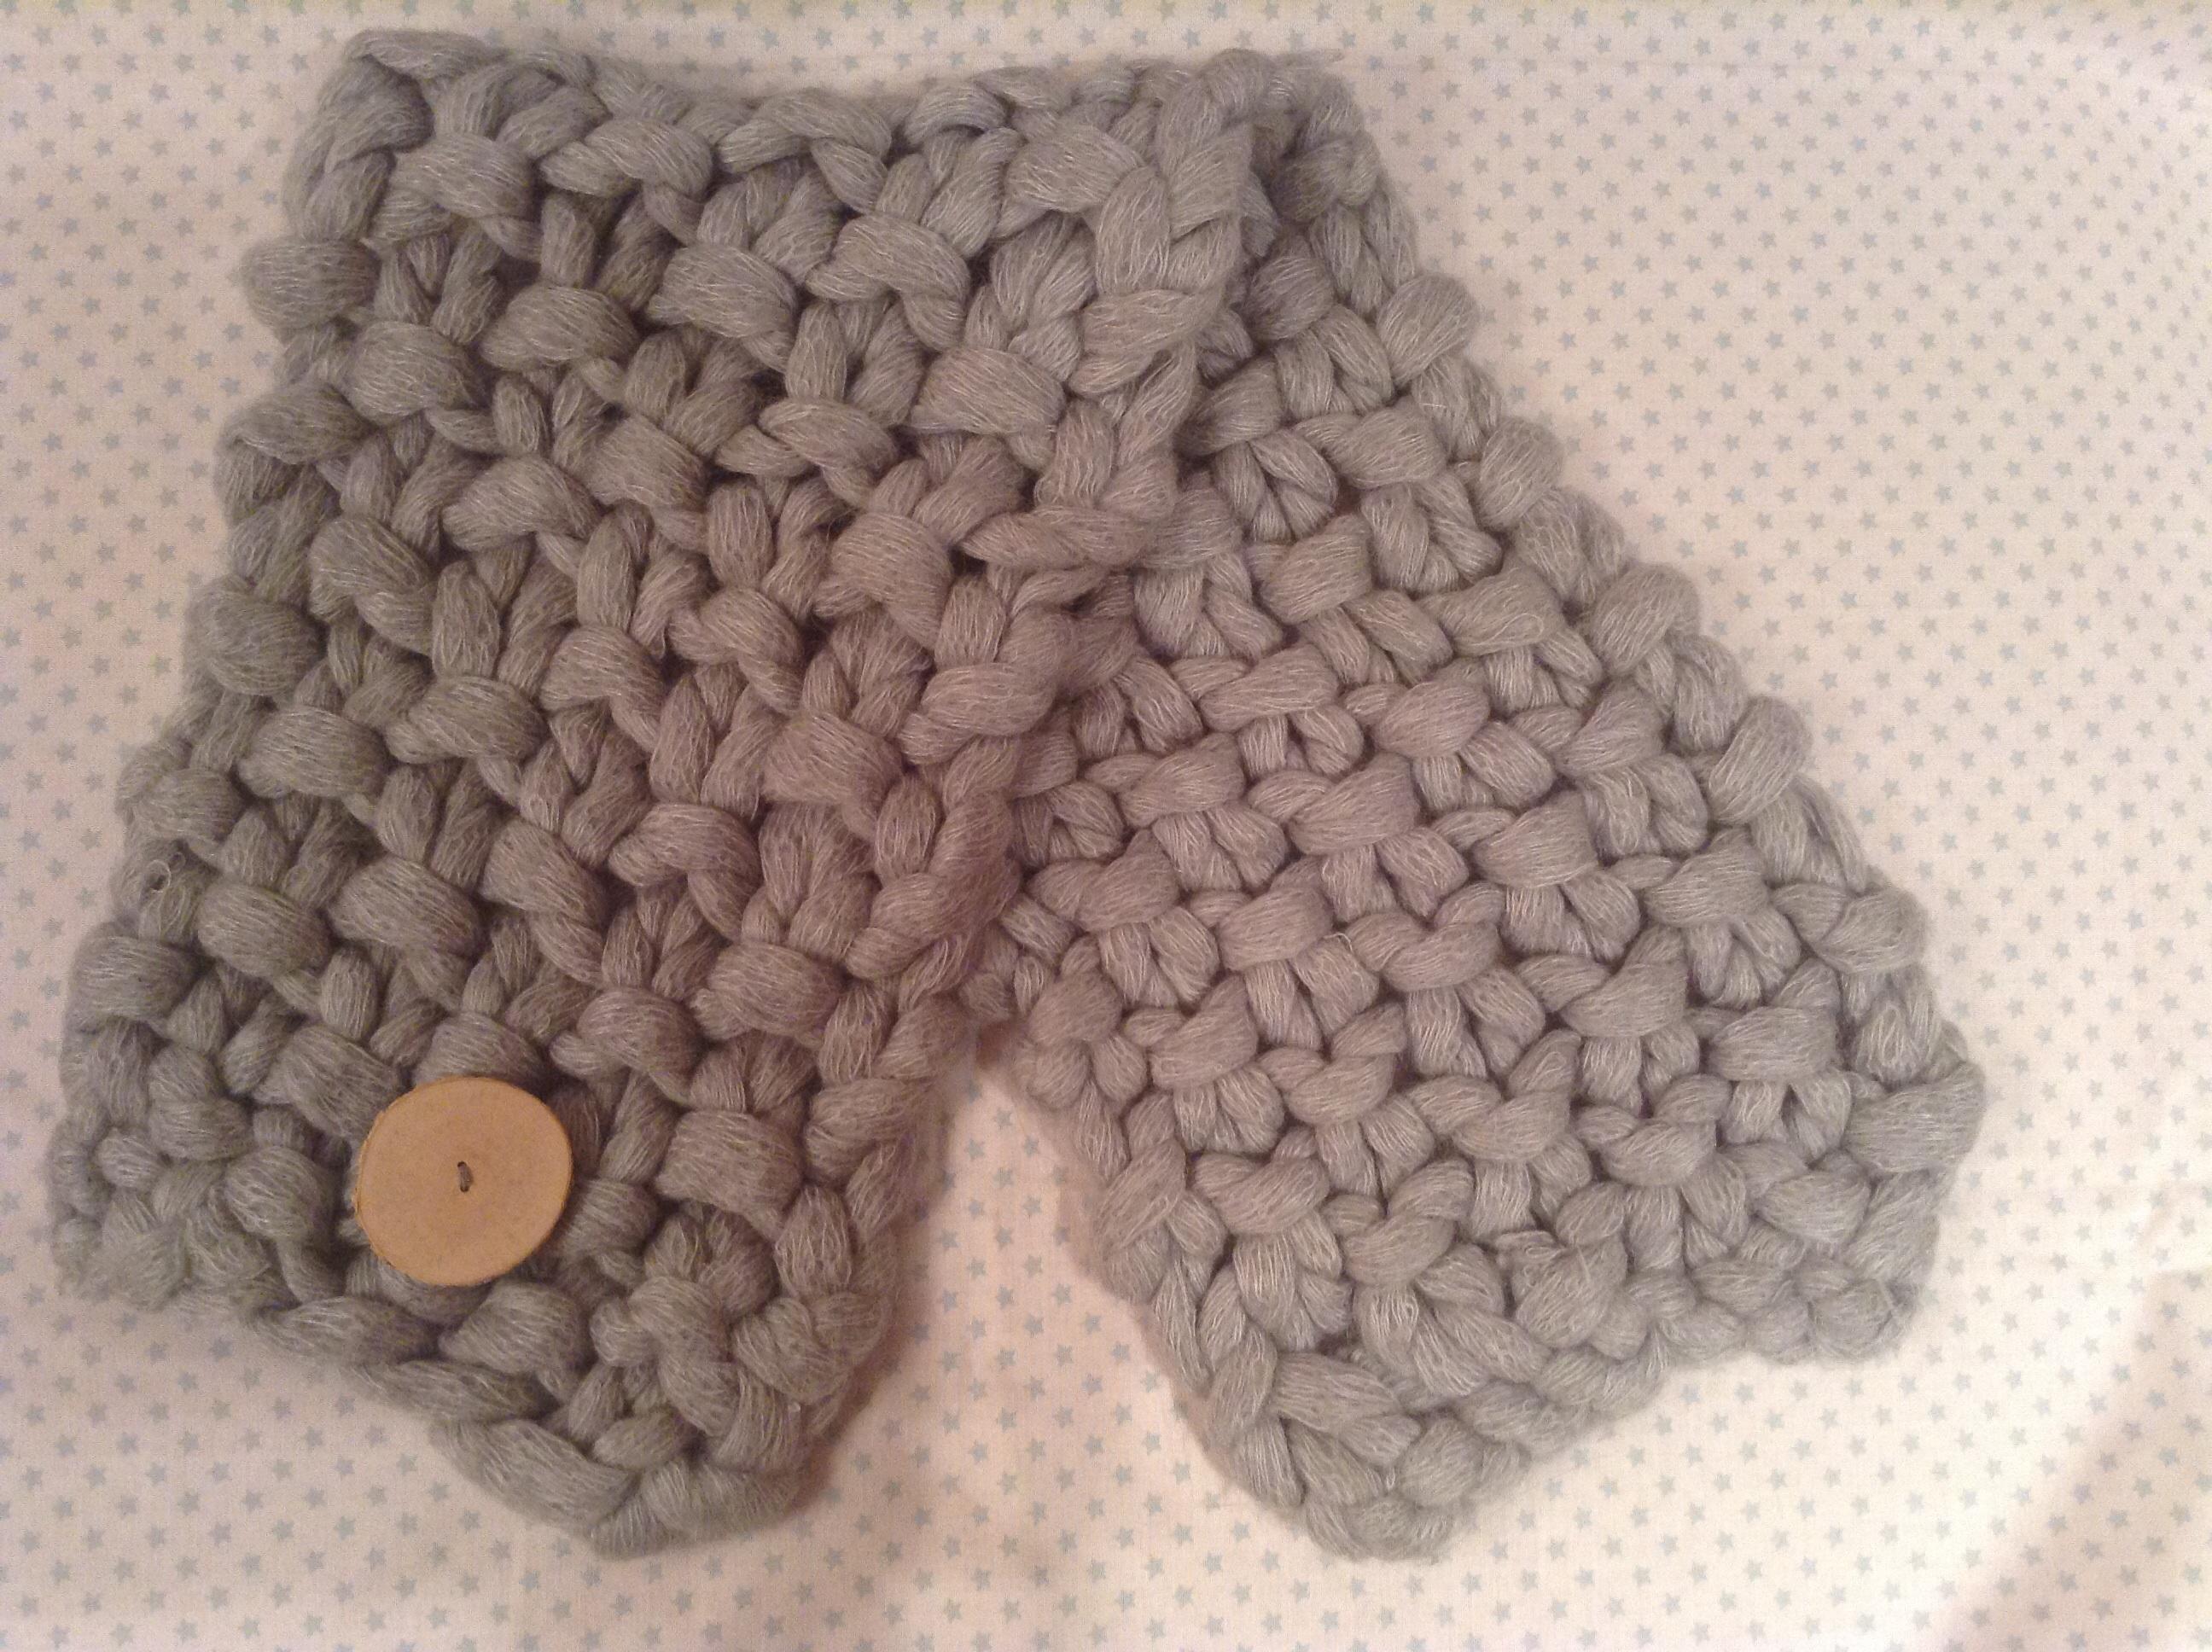 C mo hacer una bufanda express mifuku - Como hacer una bufanda de lana gorda ...